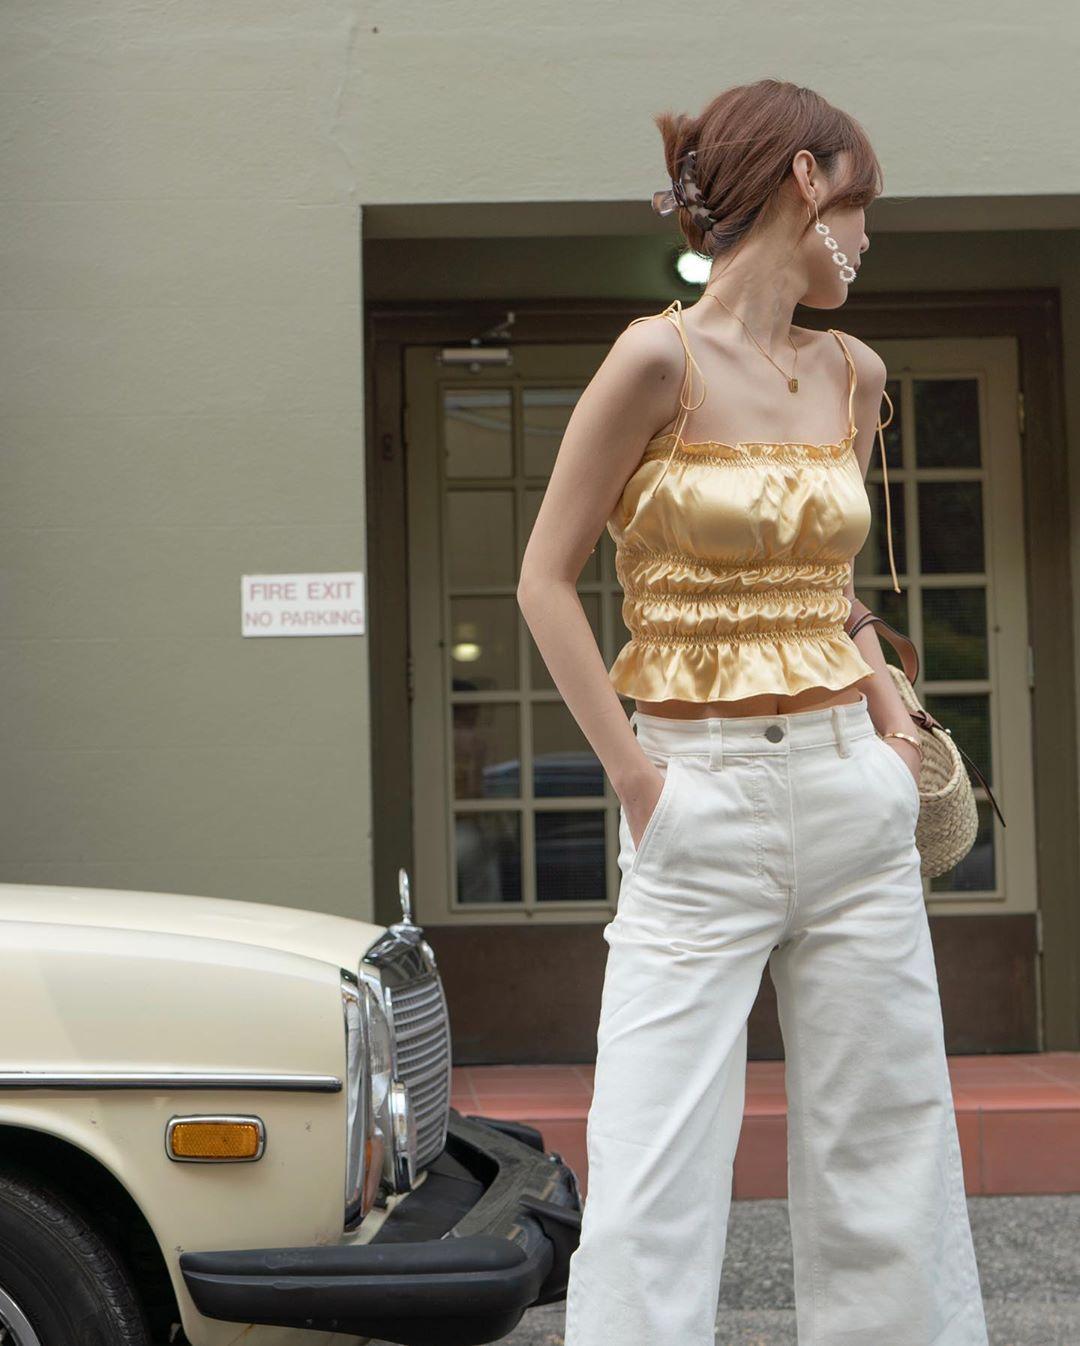 Cách mặc đẹp với áo hai dây mini cho cô gái ngực nhỏ Tik Tok